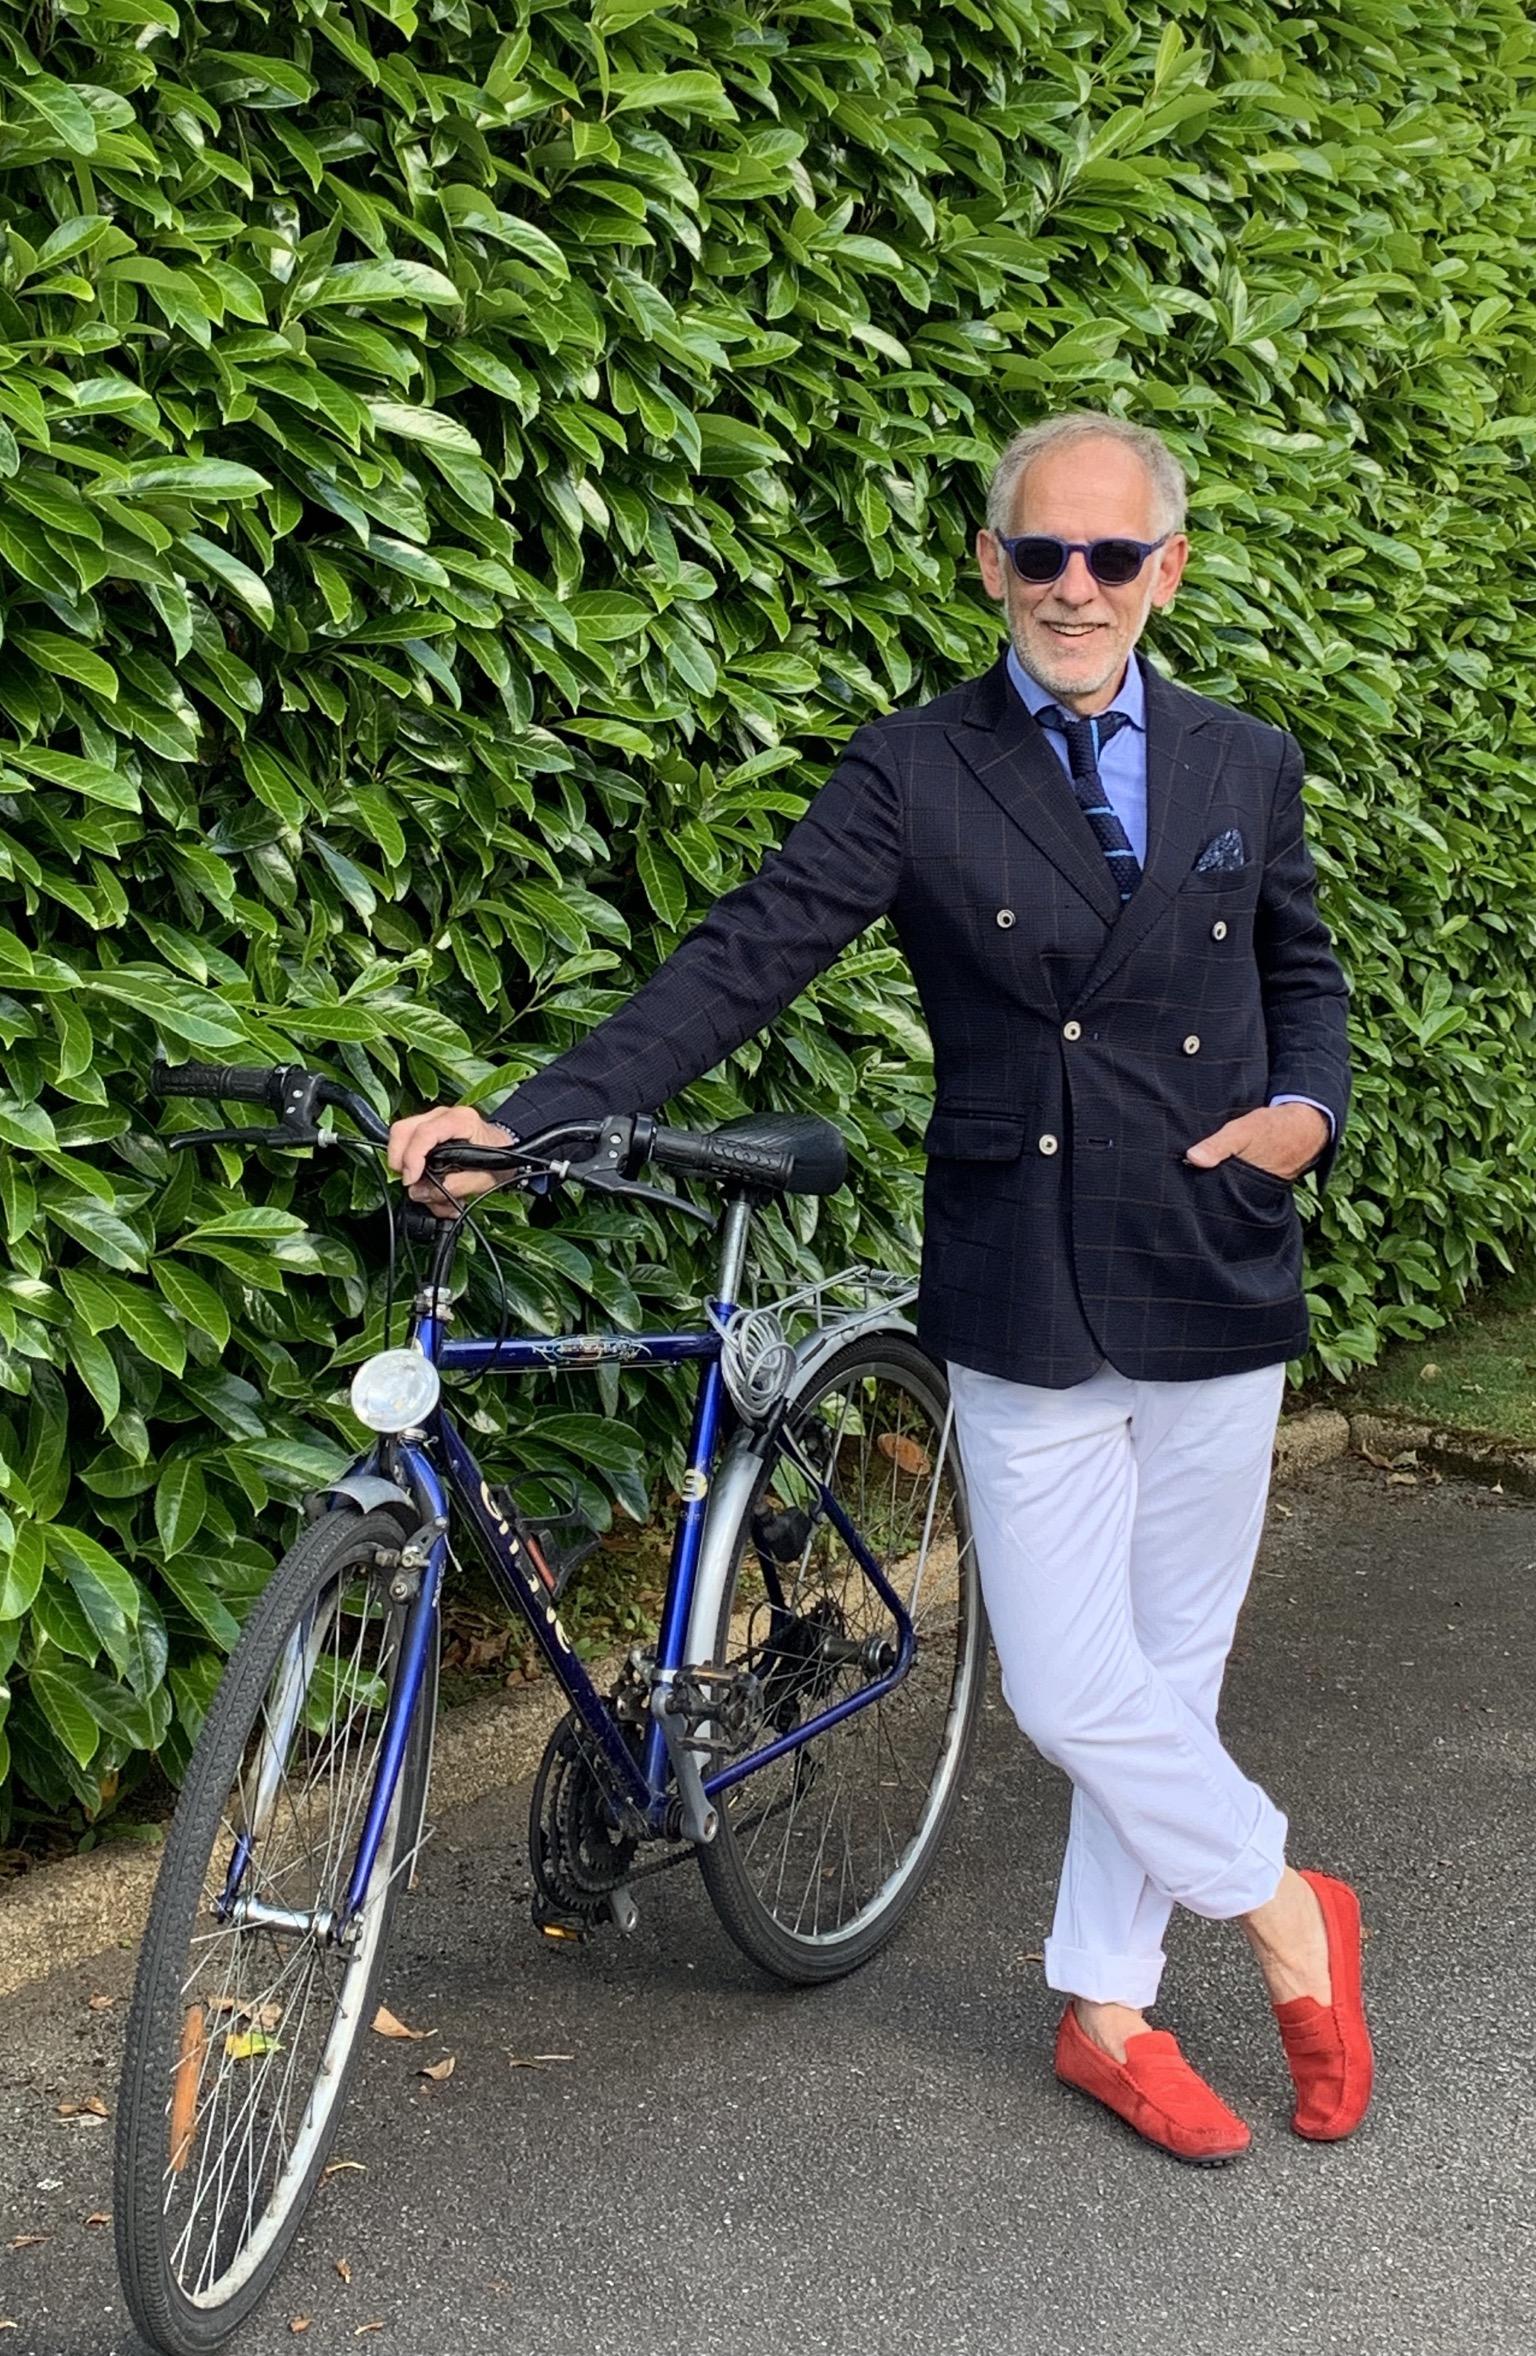 Eric van walleghem – Cycle Chic